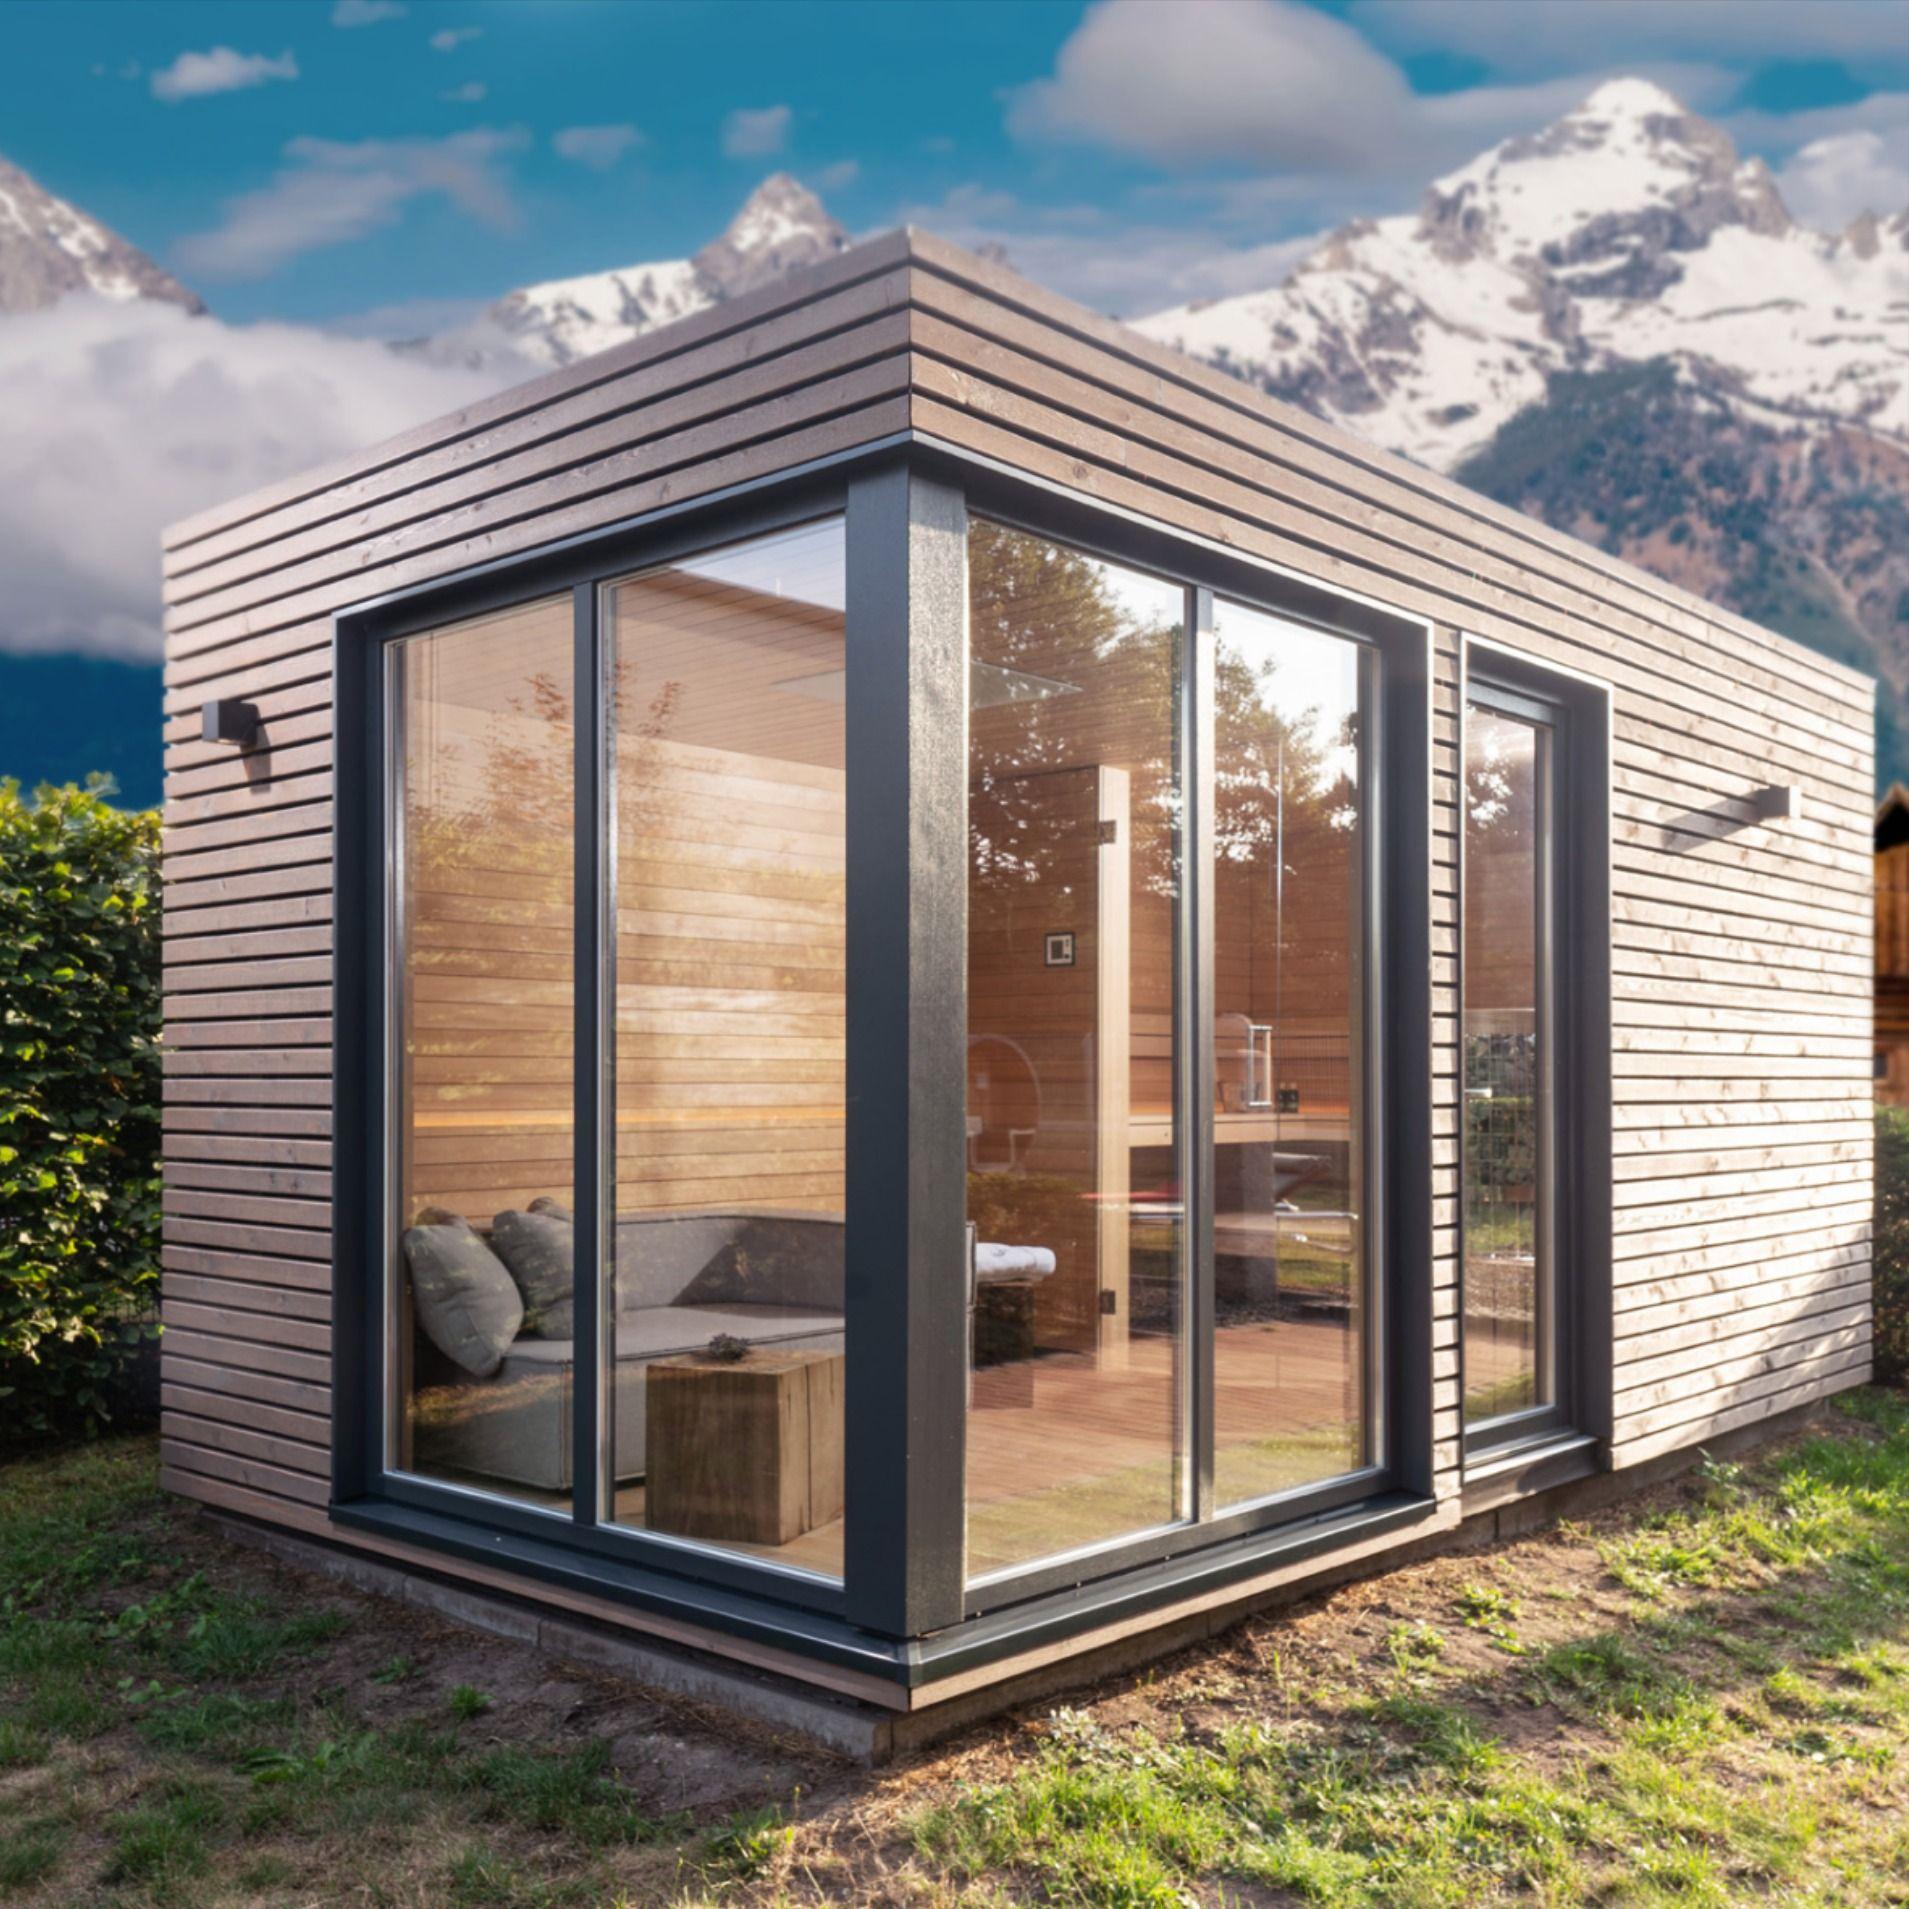 Aussensauna Mit Viel Glas Gartensauna Saunahaus Garten Gartenhaus Modern